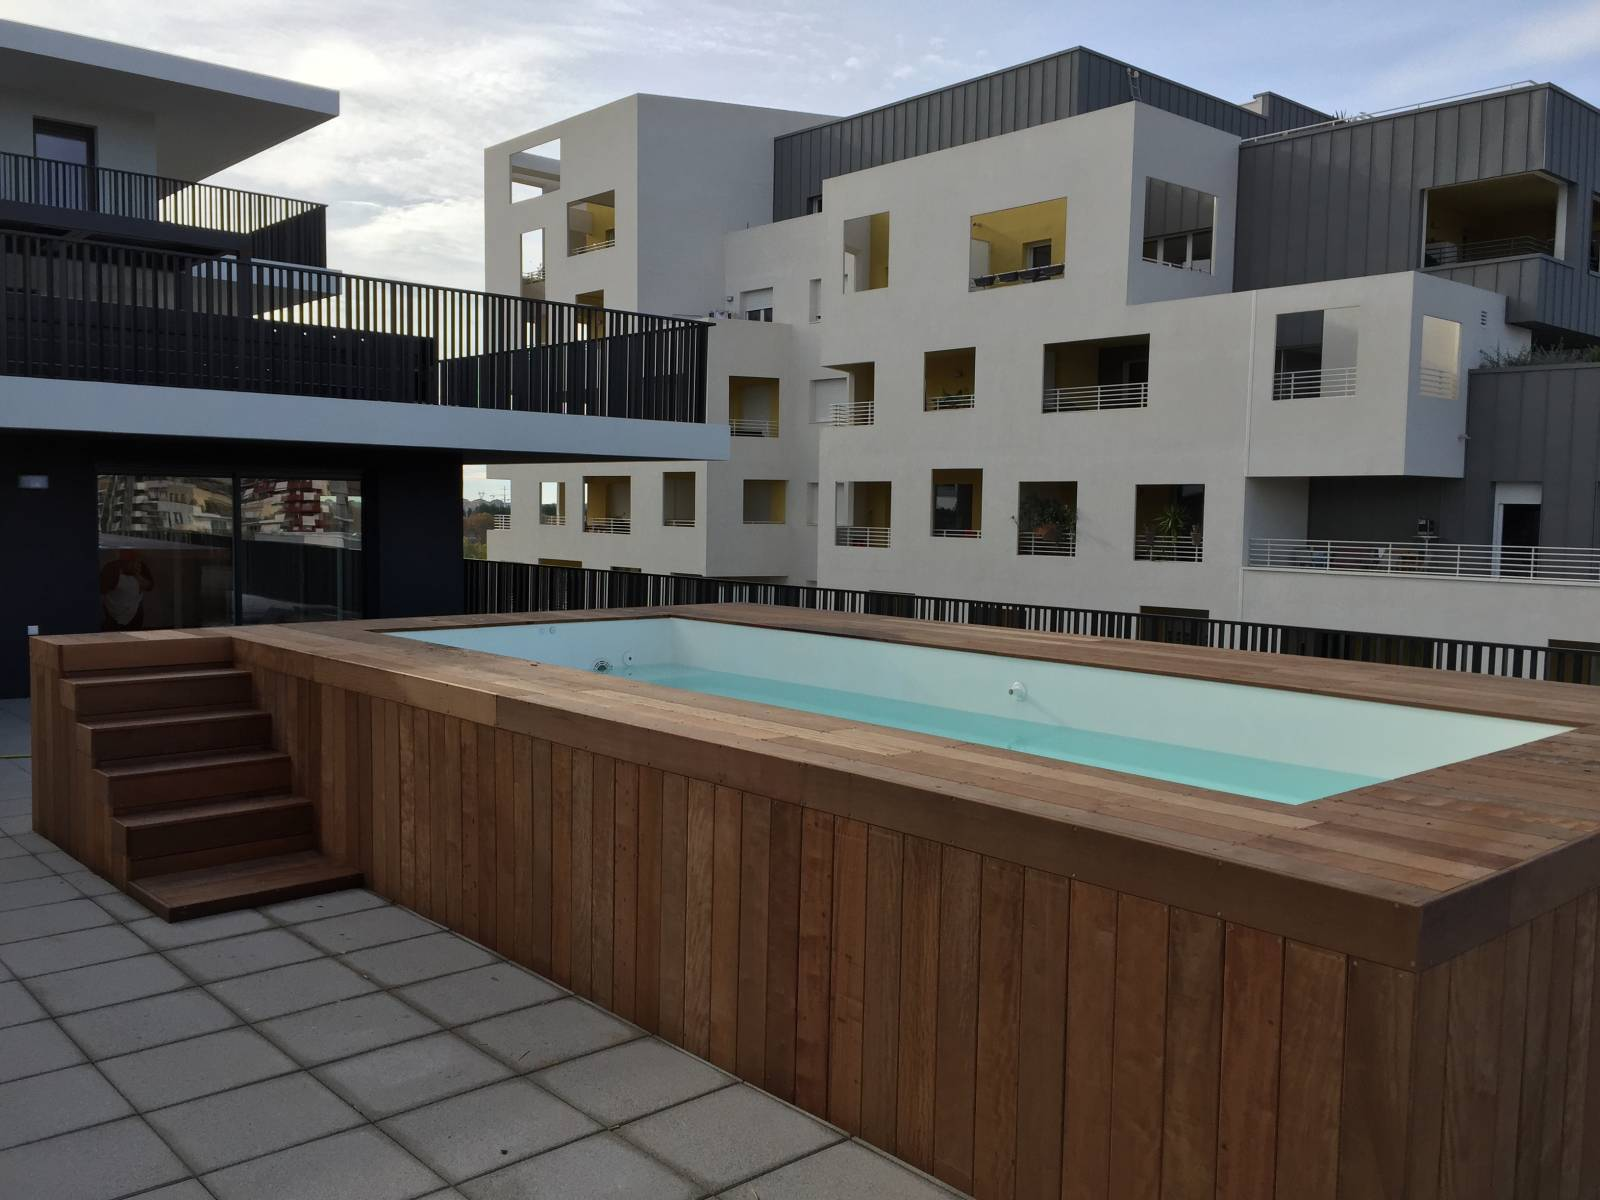 Piscine coque polyester mod le millenium alliances piscines - Renovation piscine coque polyester ...